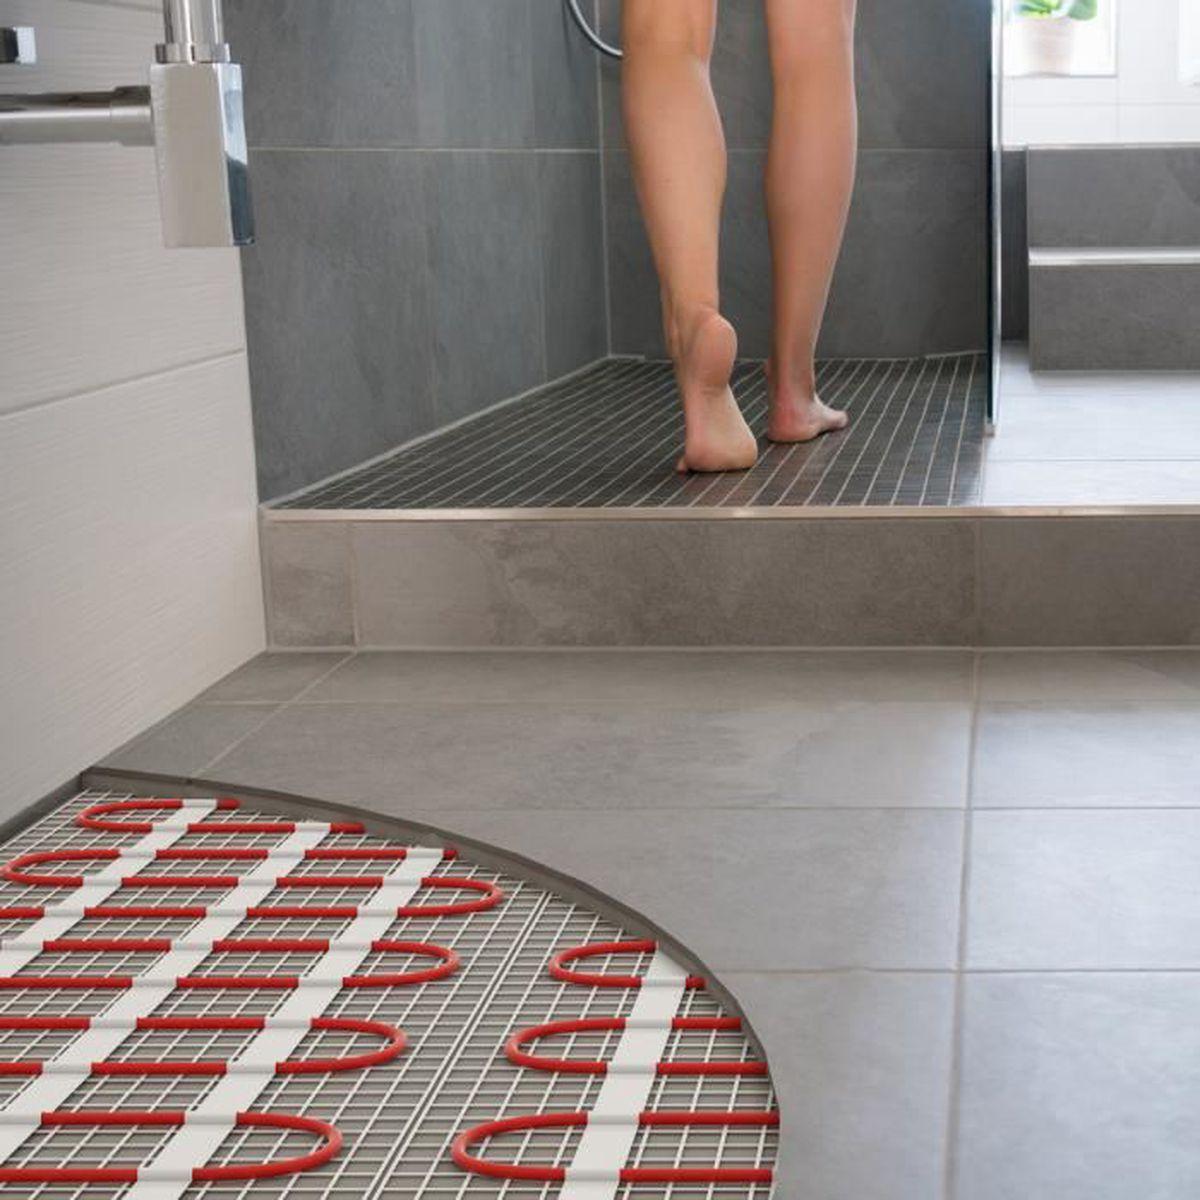 Carrelage Sur Plancher Chauffant Basse Temperature kit complet de plancher chauffant électrique 5.7 m² - 815 w - thermostat  touchscreen